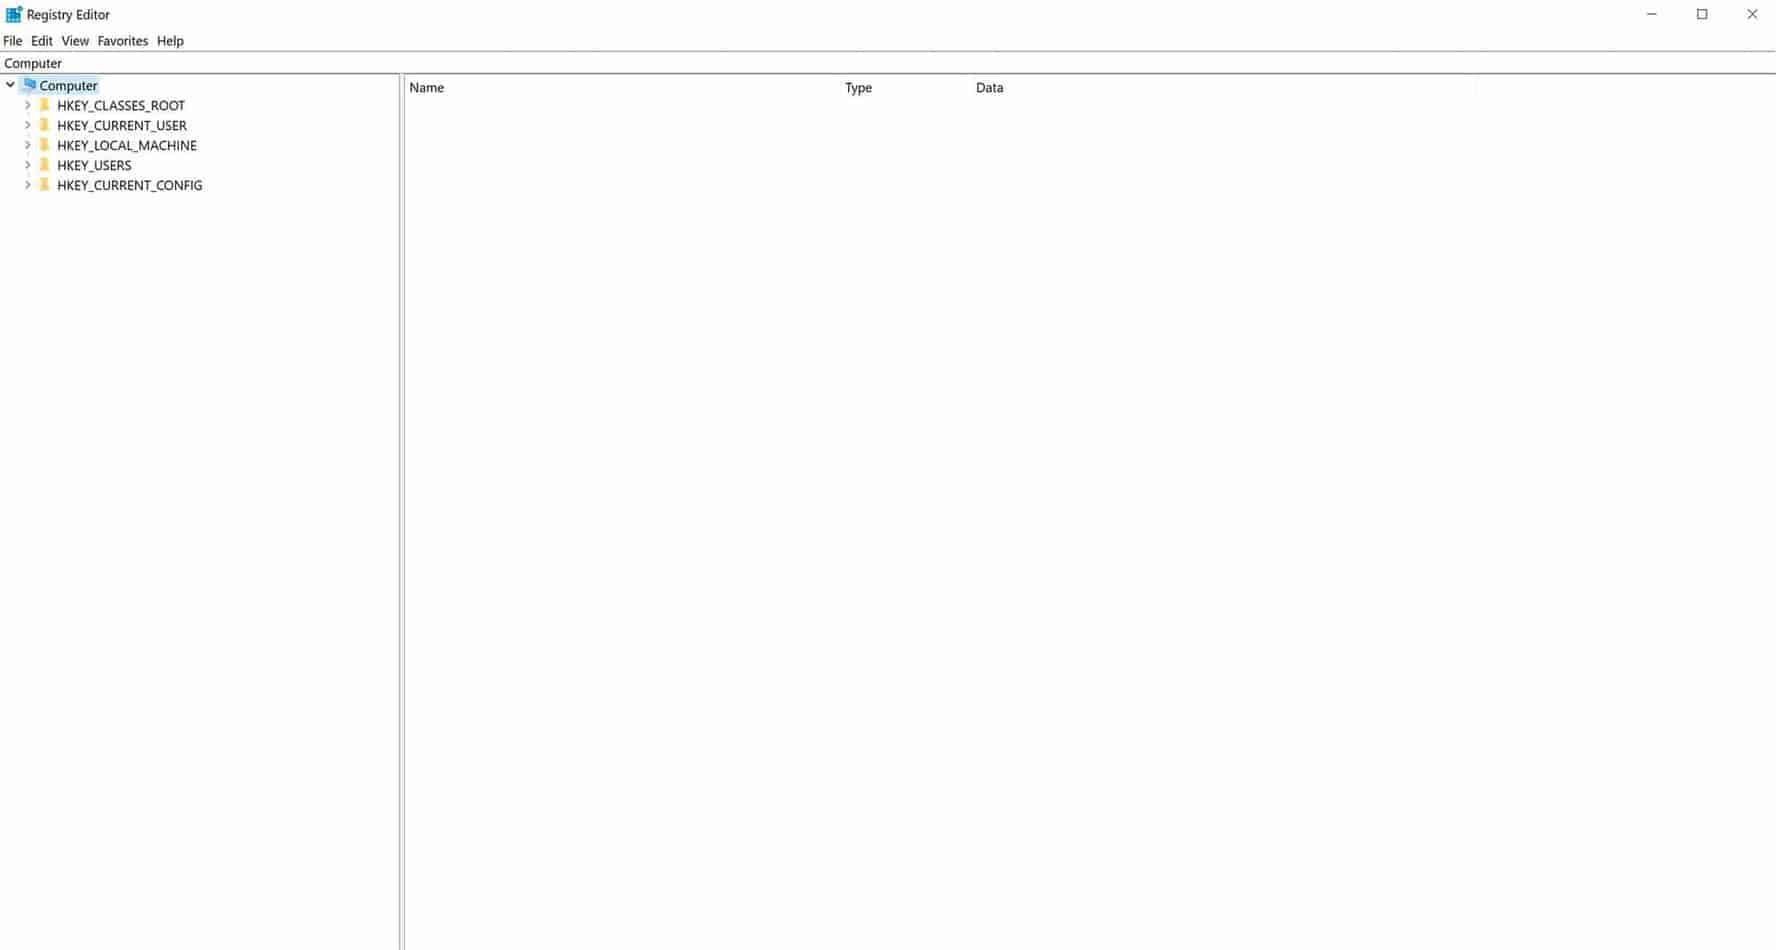 new registry window